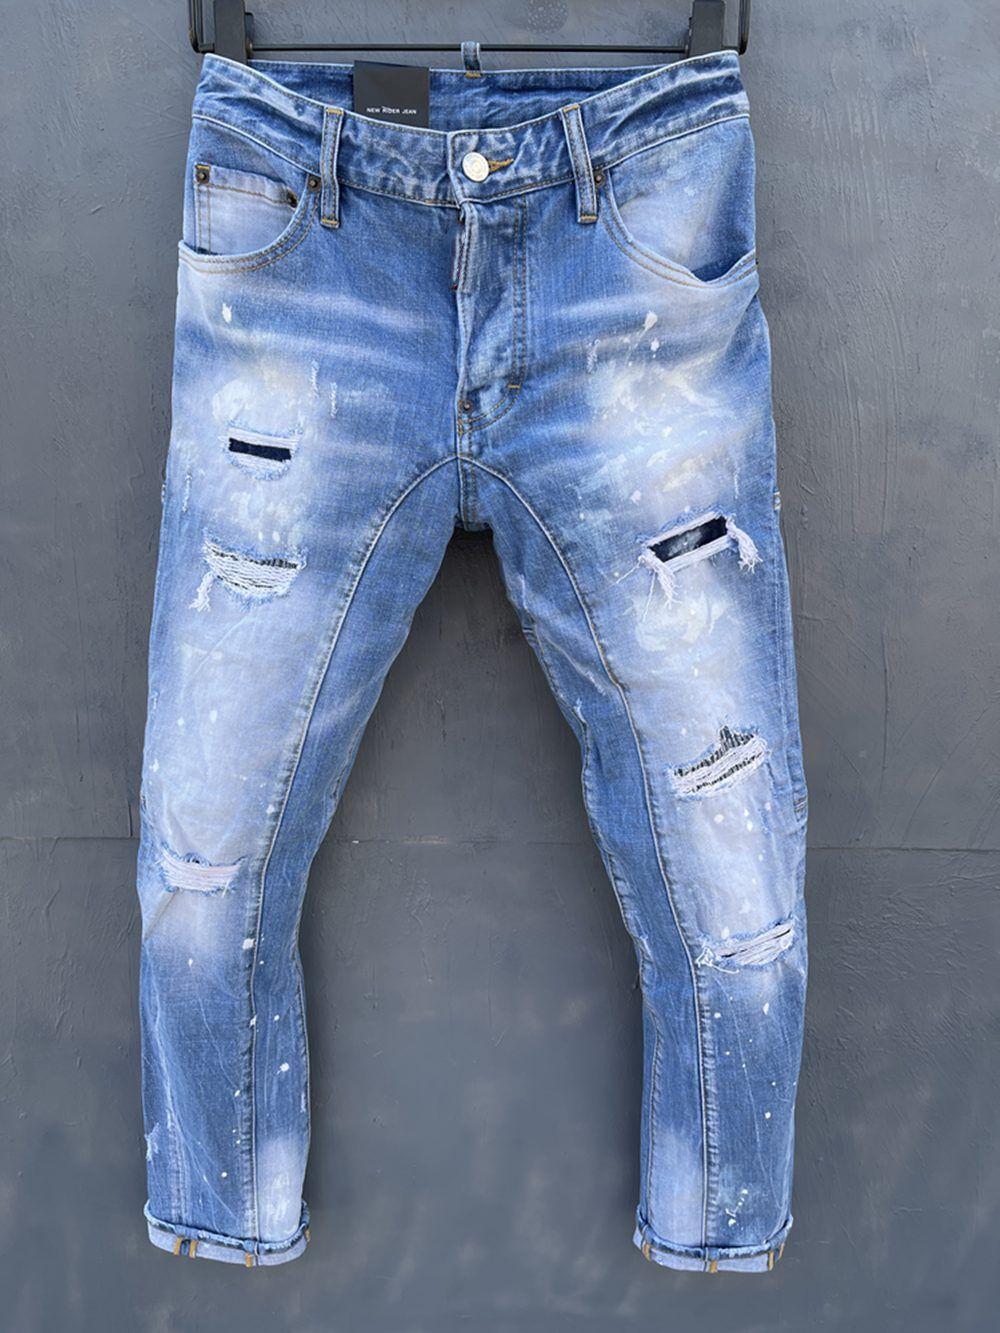 2021 Neue Marken Europäische und amerikanische Mode Herren Casual Jeans, hochwertiges Waschen, reines Handschleifen, Qualitätsoptimierung LT138